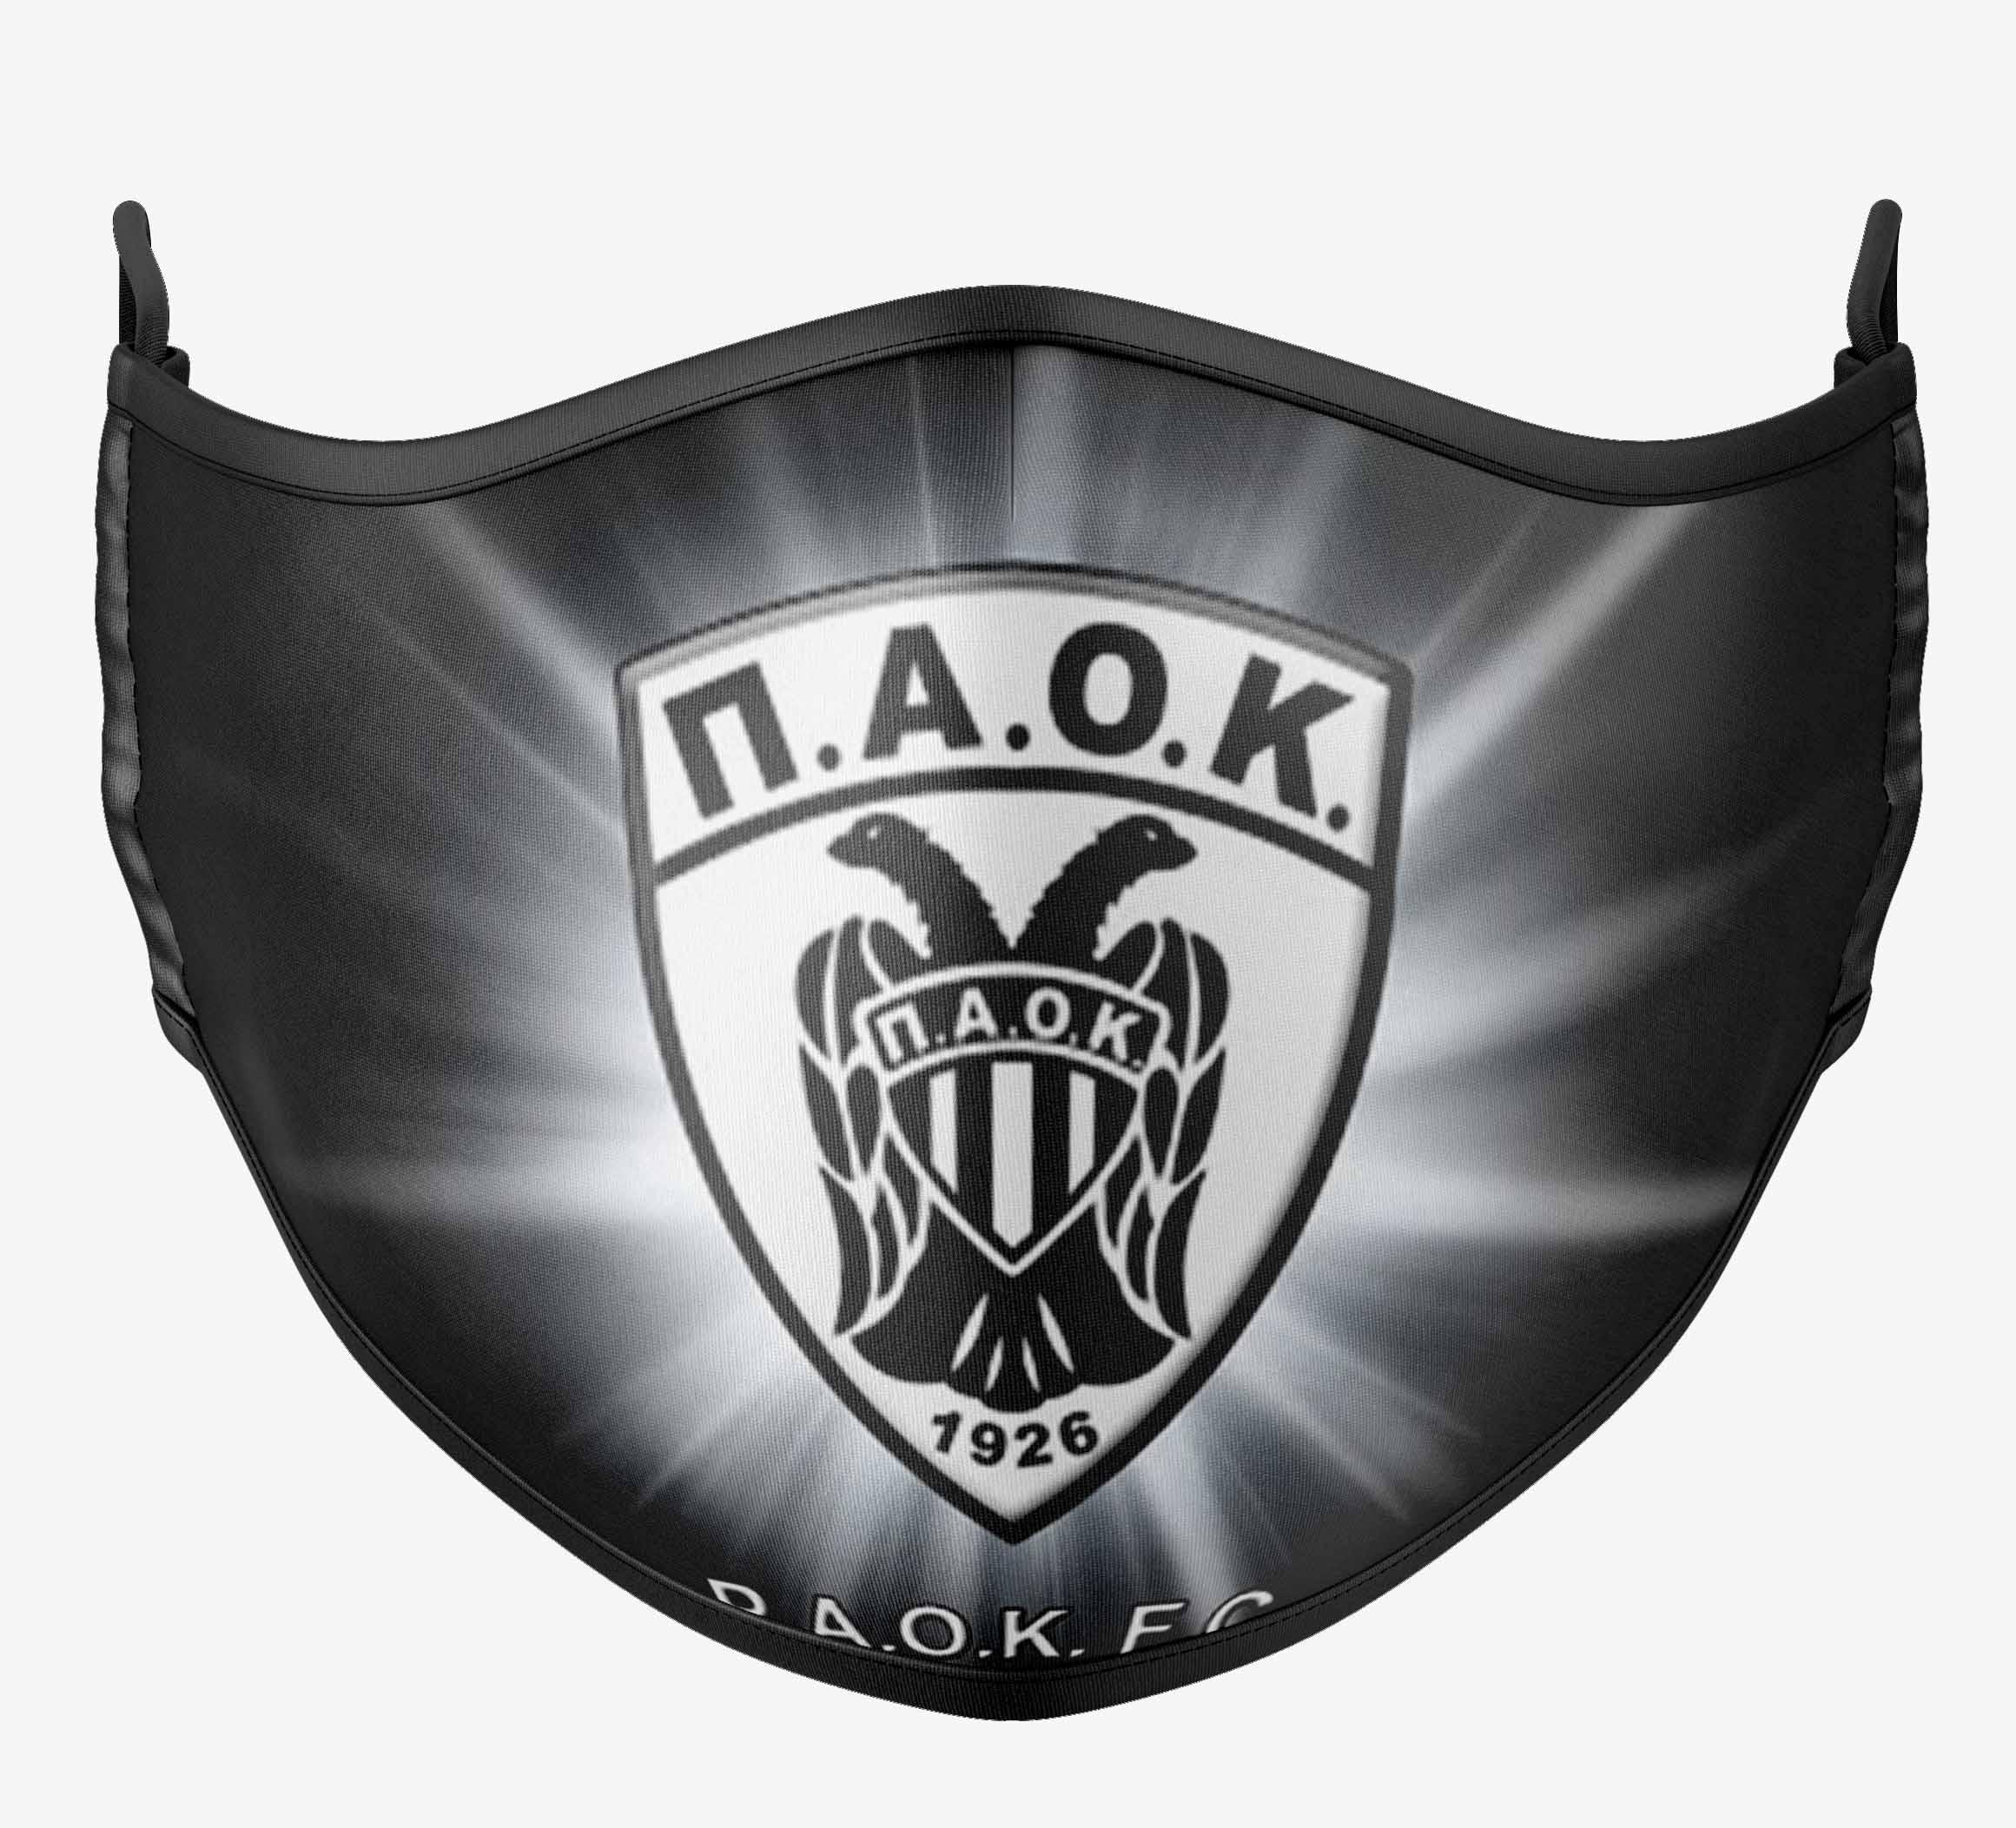 Μάσκα προστασίας από τον Covid-19